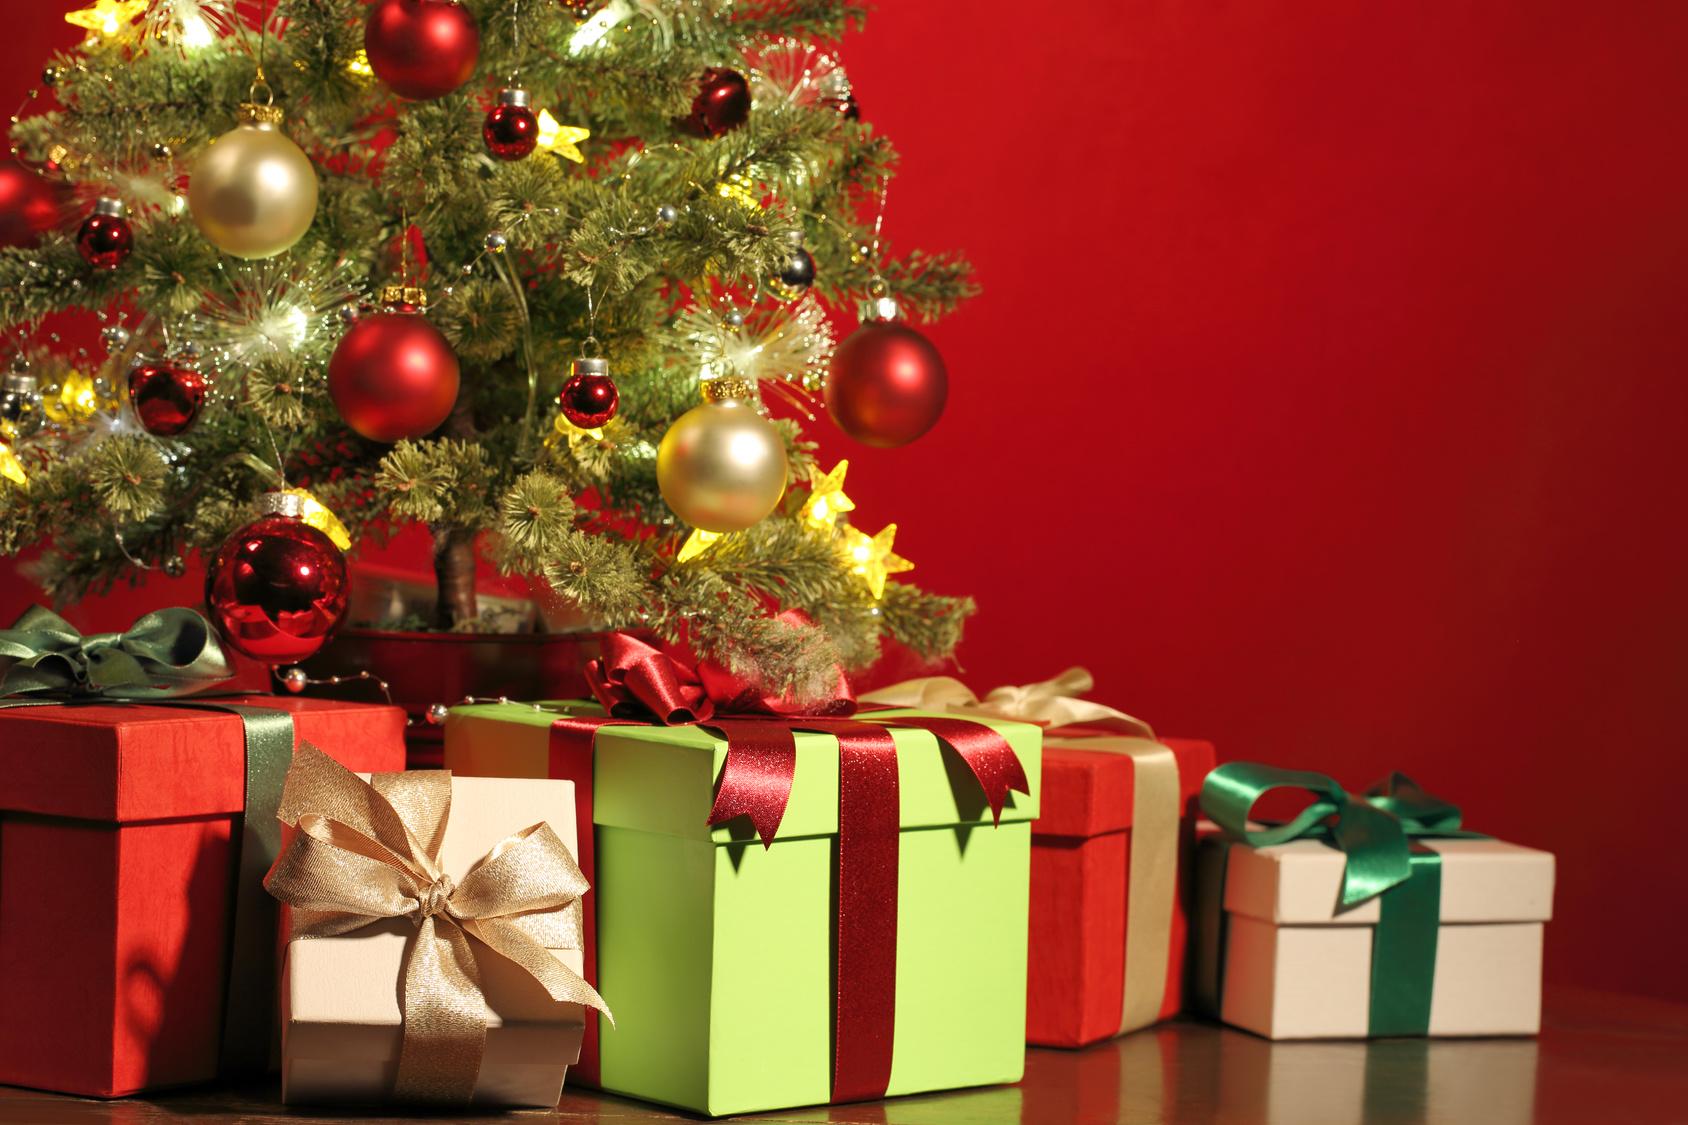 weihnachtsgeld anspruch trotz k ndigung nach bag urteil. Black Bedroom Furniture Sets. Home Design Ideas